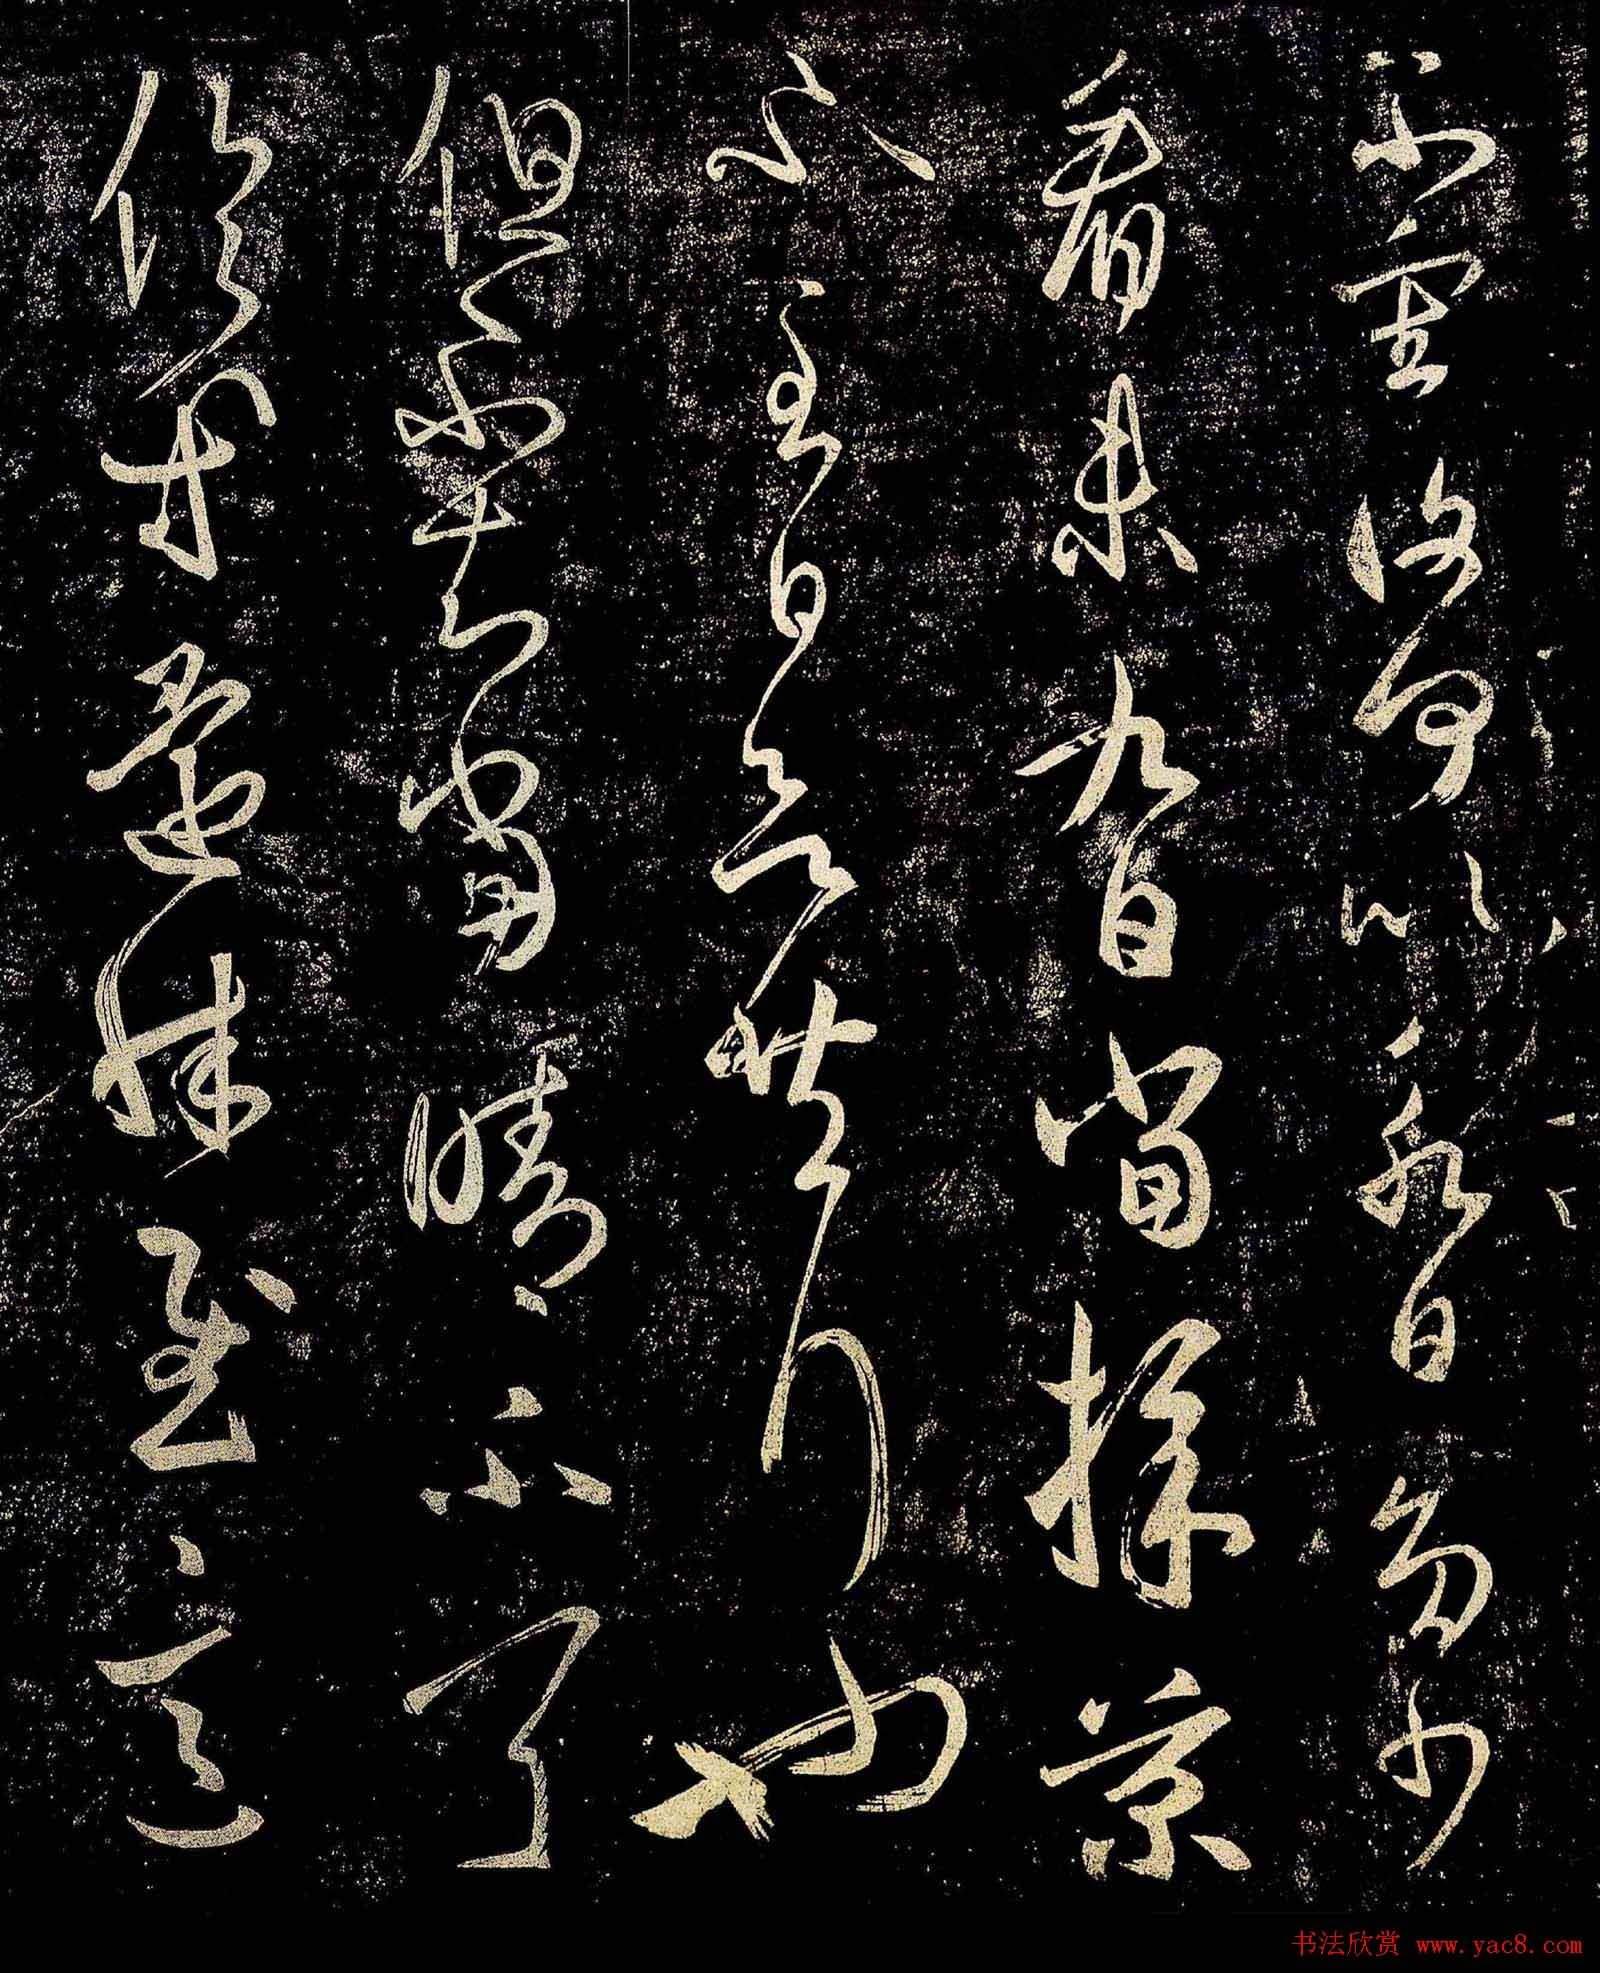 王羲之草書作品真跡欣賞《采菊帖》四種(共4張圖片)